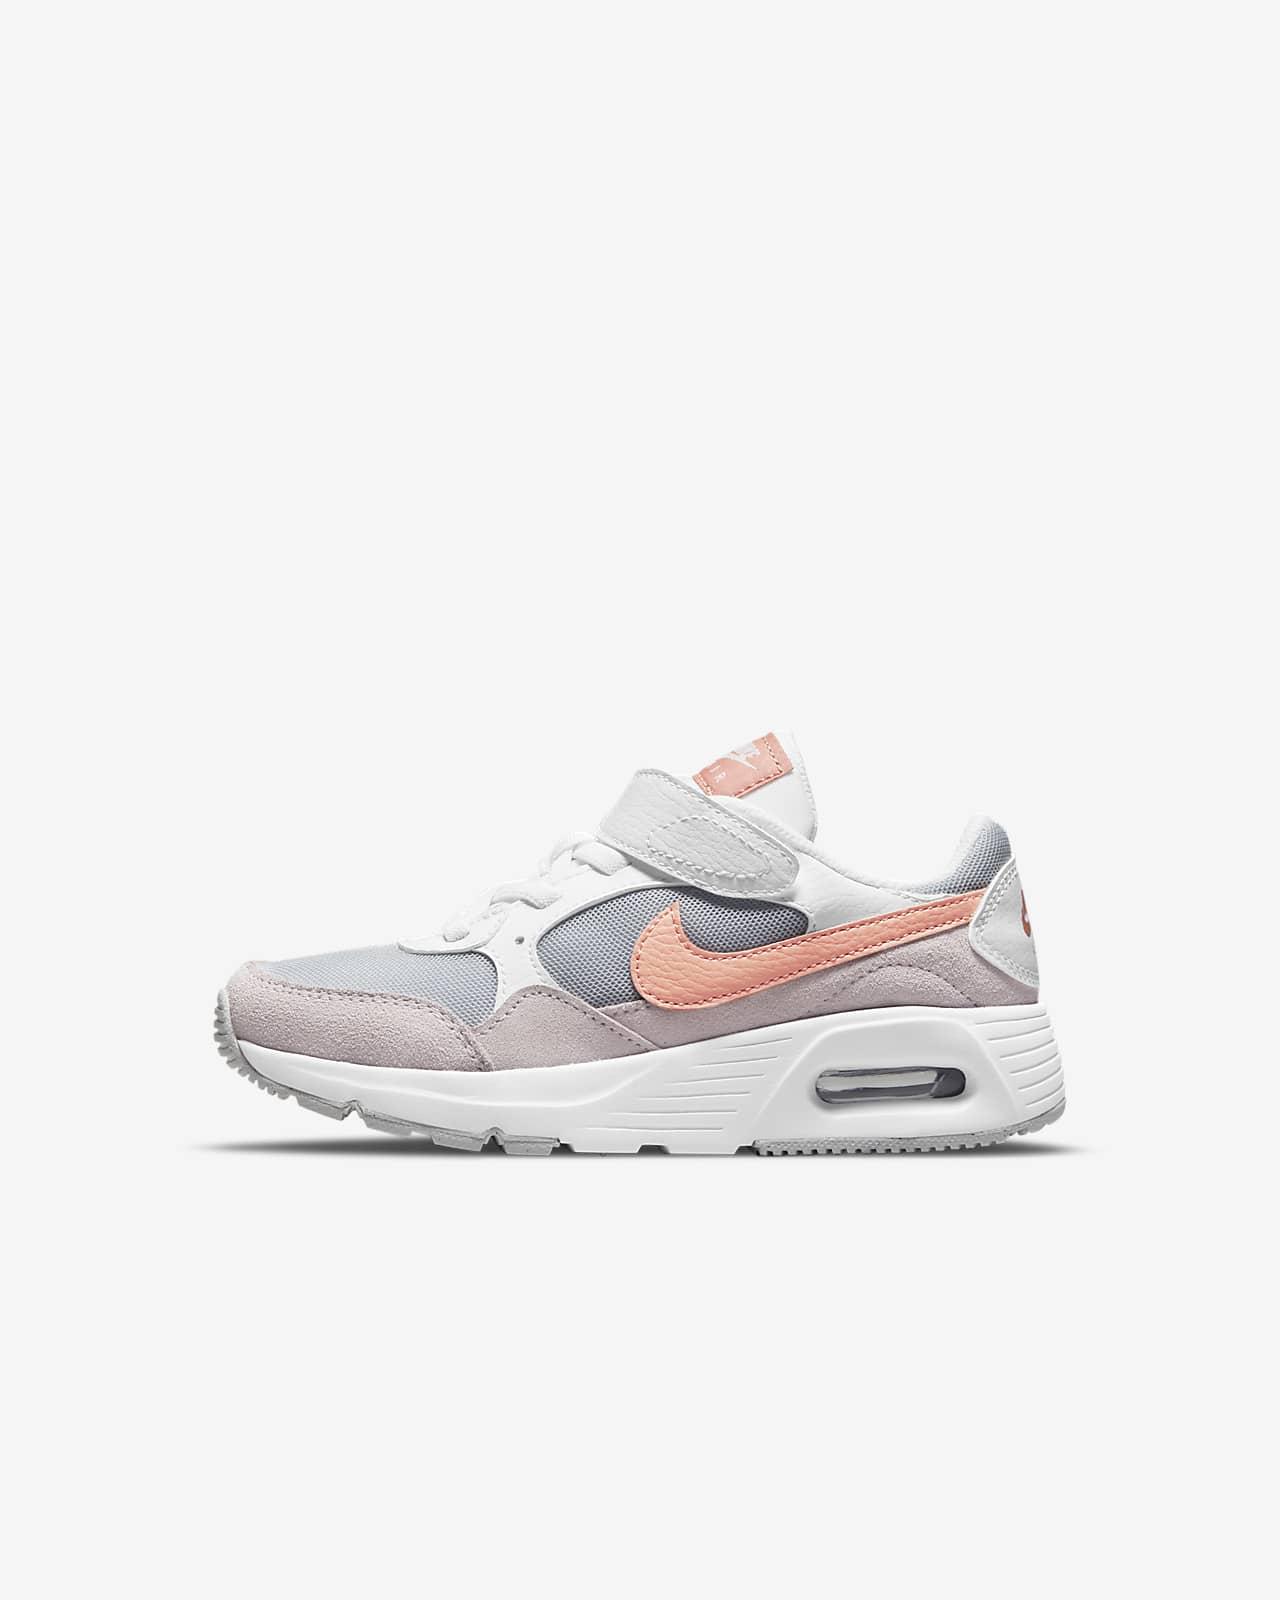 Calzado para niños talla pequeña Nike Air Max SC